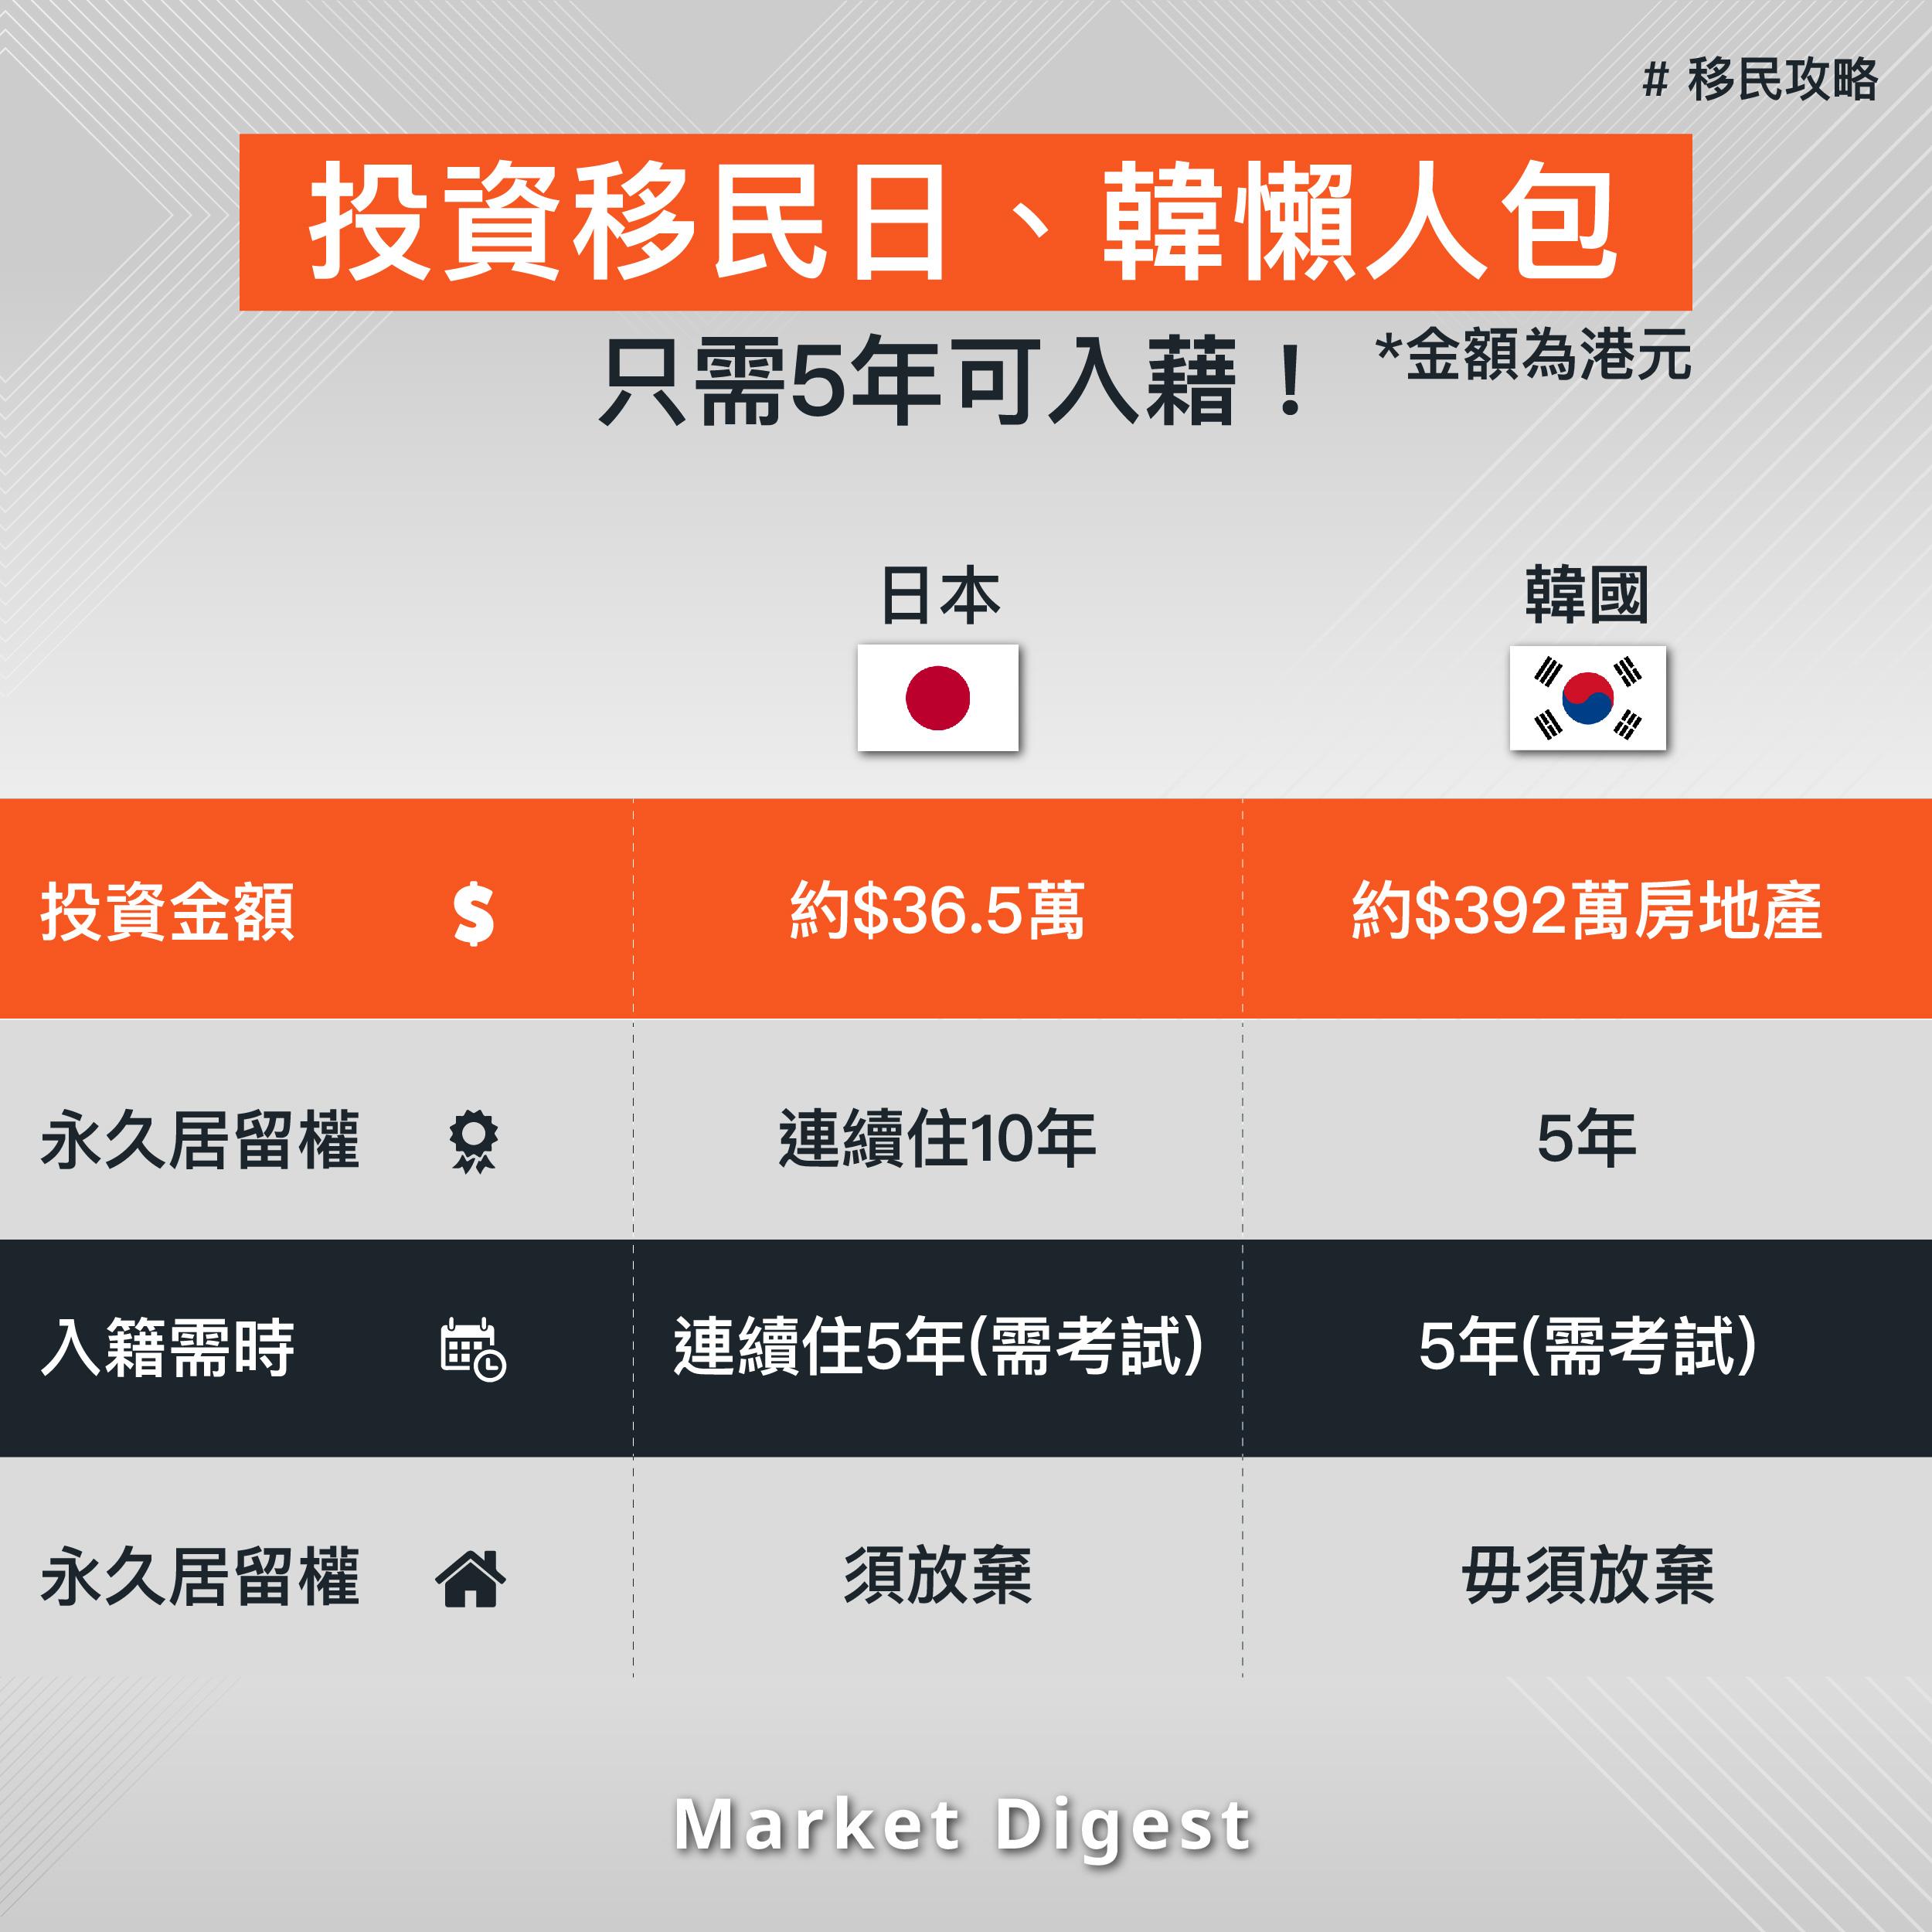 【移民攻略】投資移民日、韓懶人包  最低入場費約36萬!